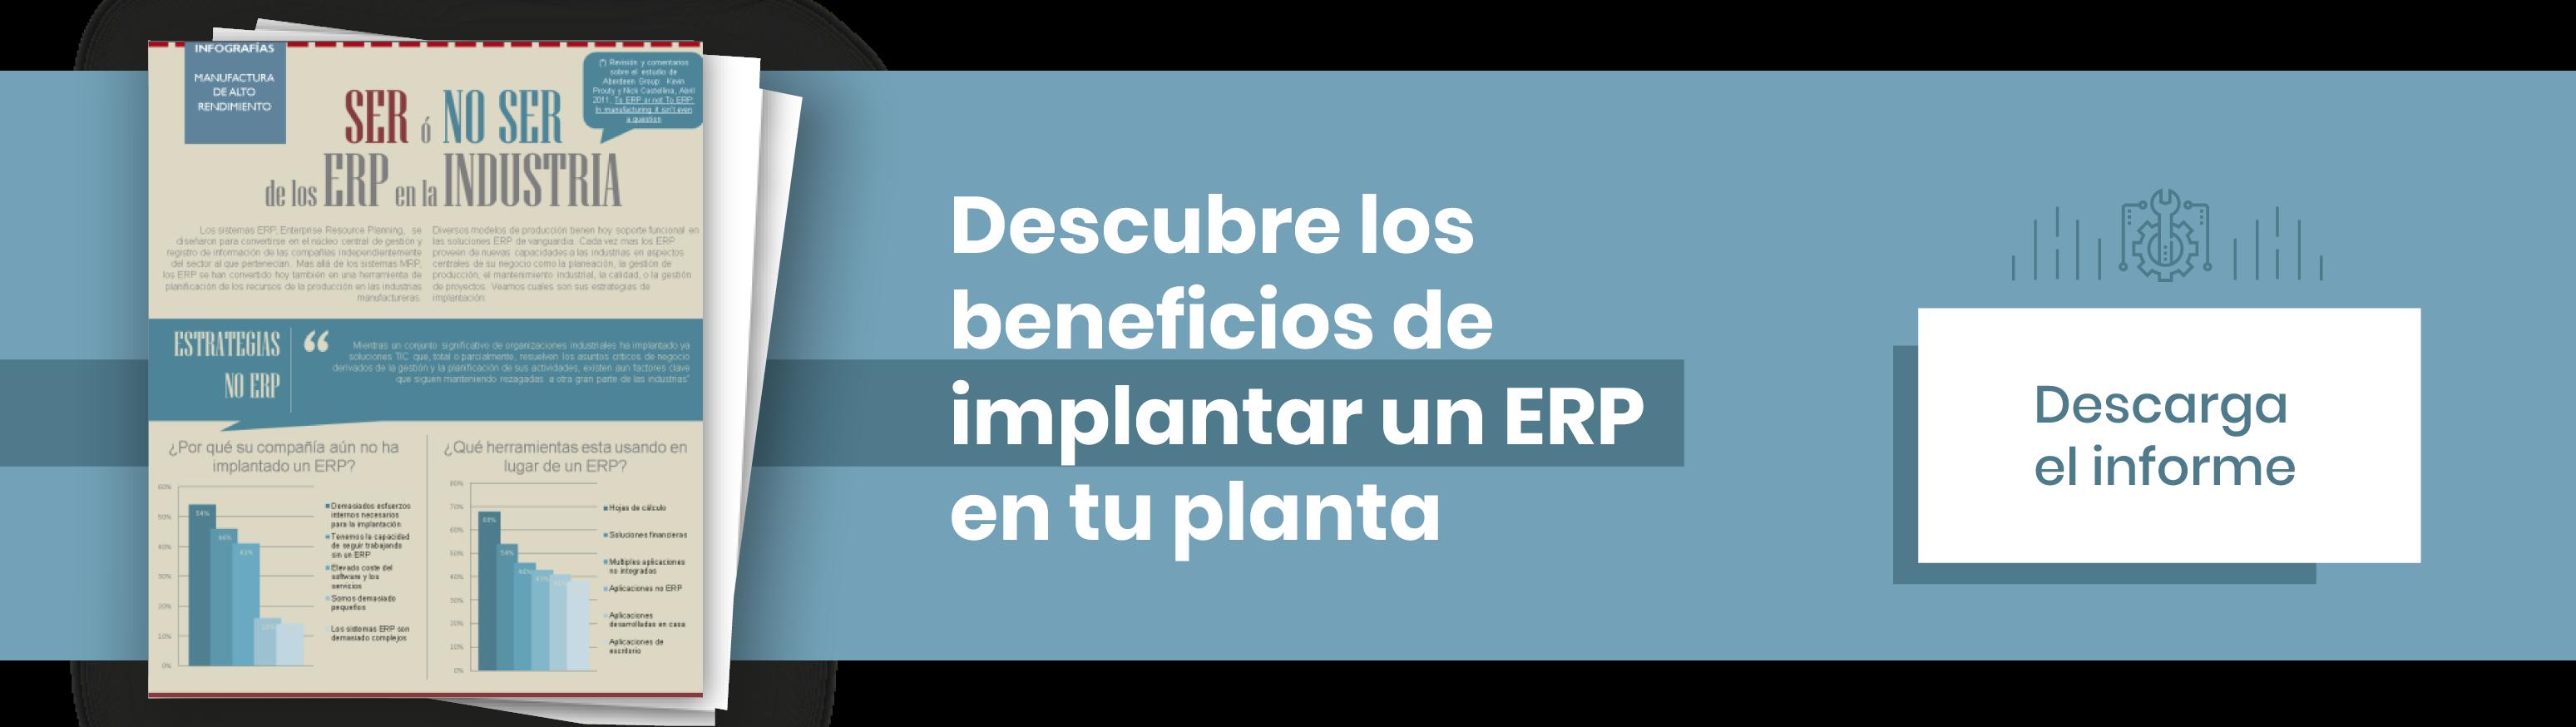 Descubre los beneficios de implantar un ERP en tu planta